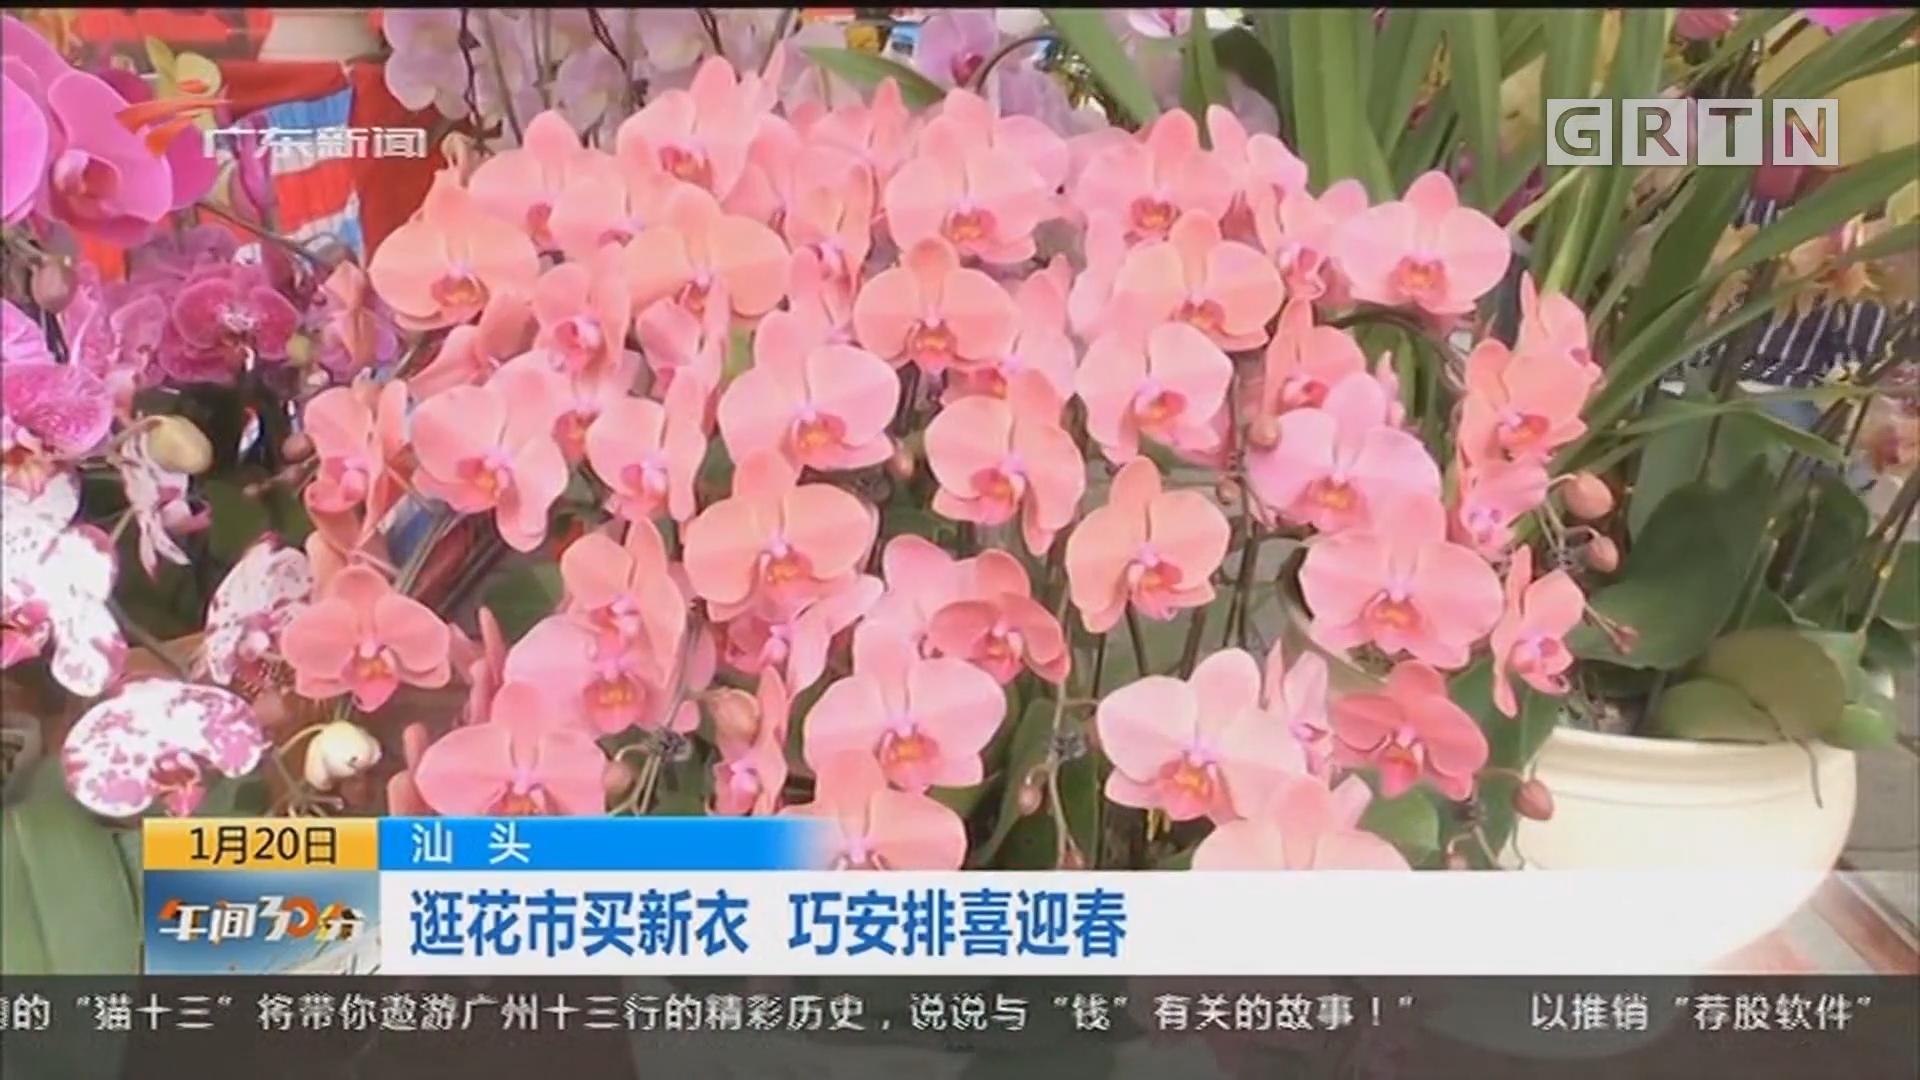 汕头:逛花市买新衣 巧安排喜迎春